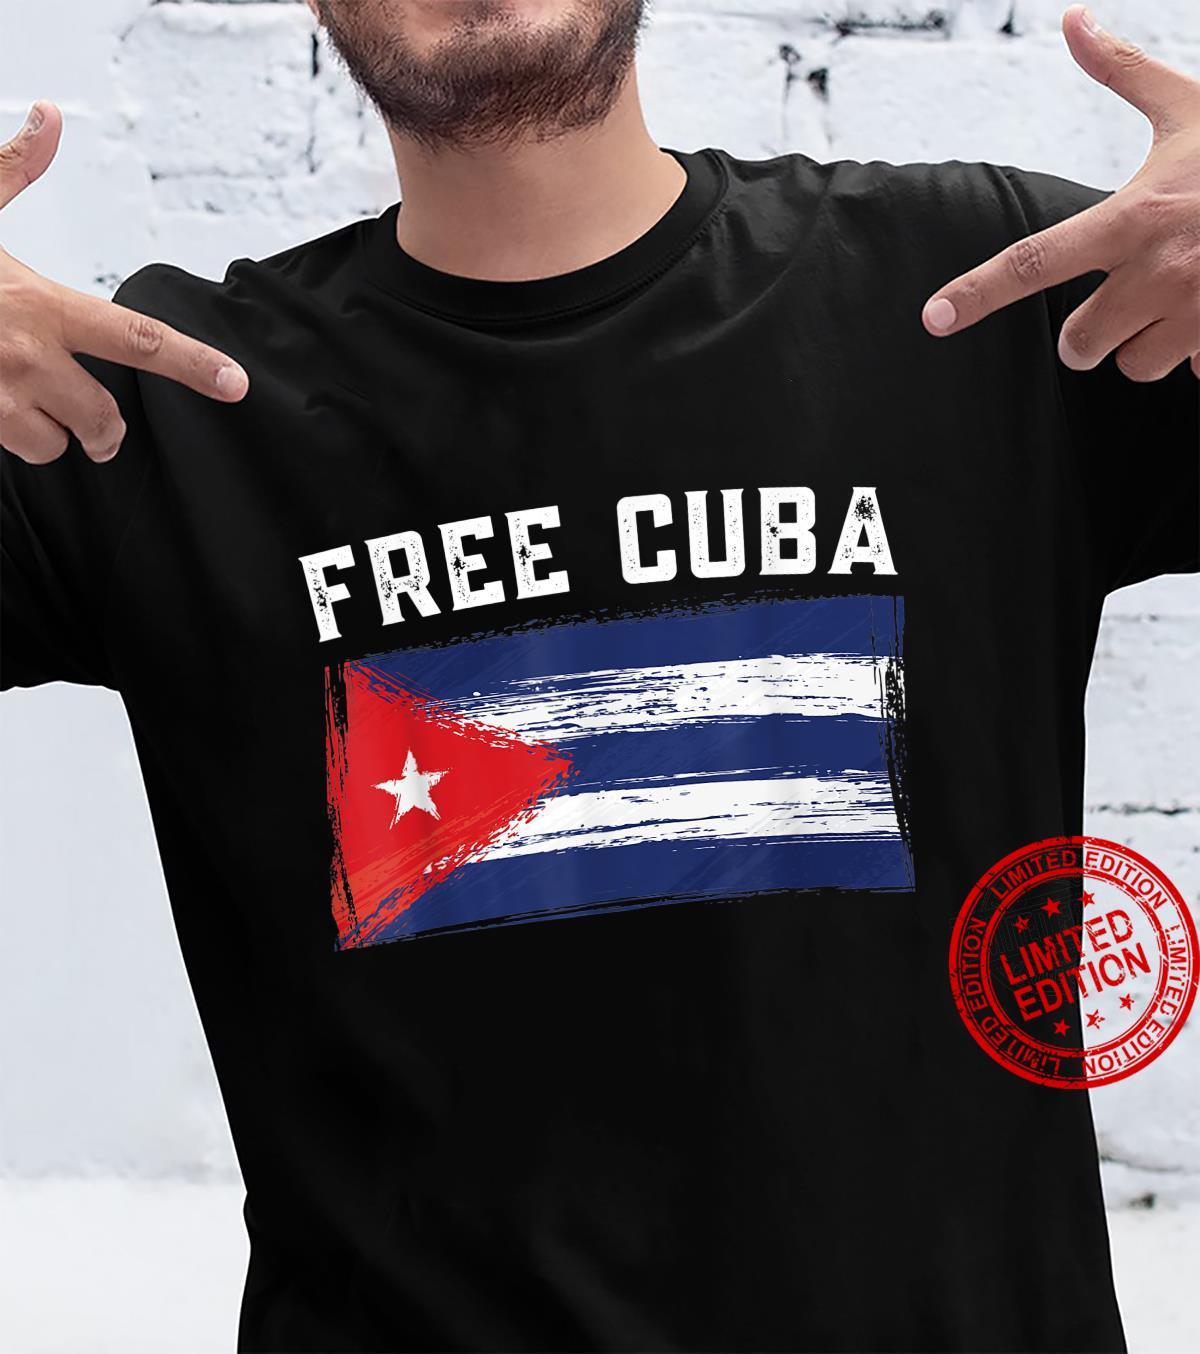 SOS Cuba, Free_Cuba_Shirt, Cuba Pride, Nuestra Cuba Shirt